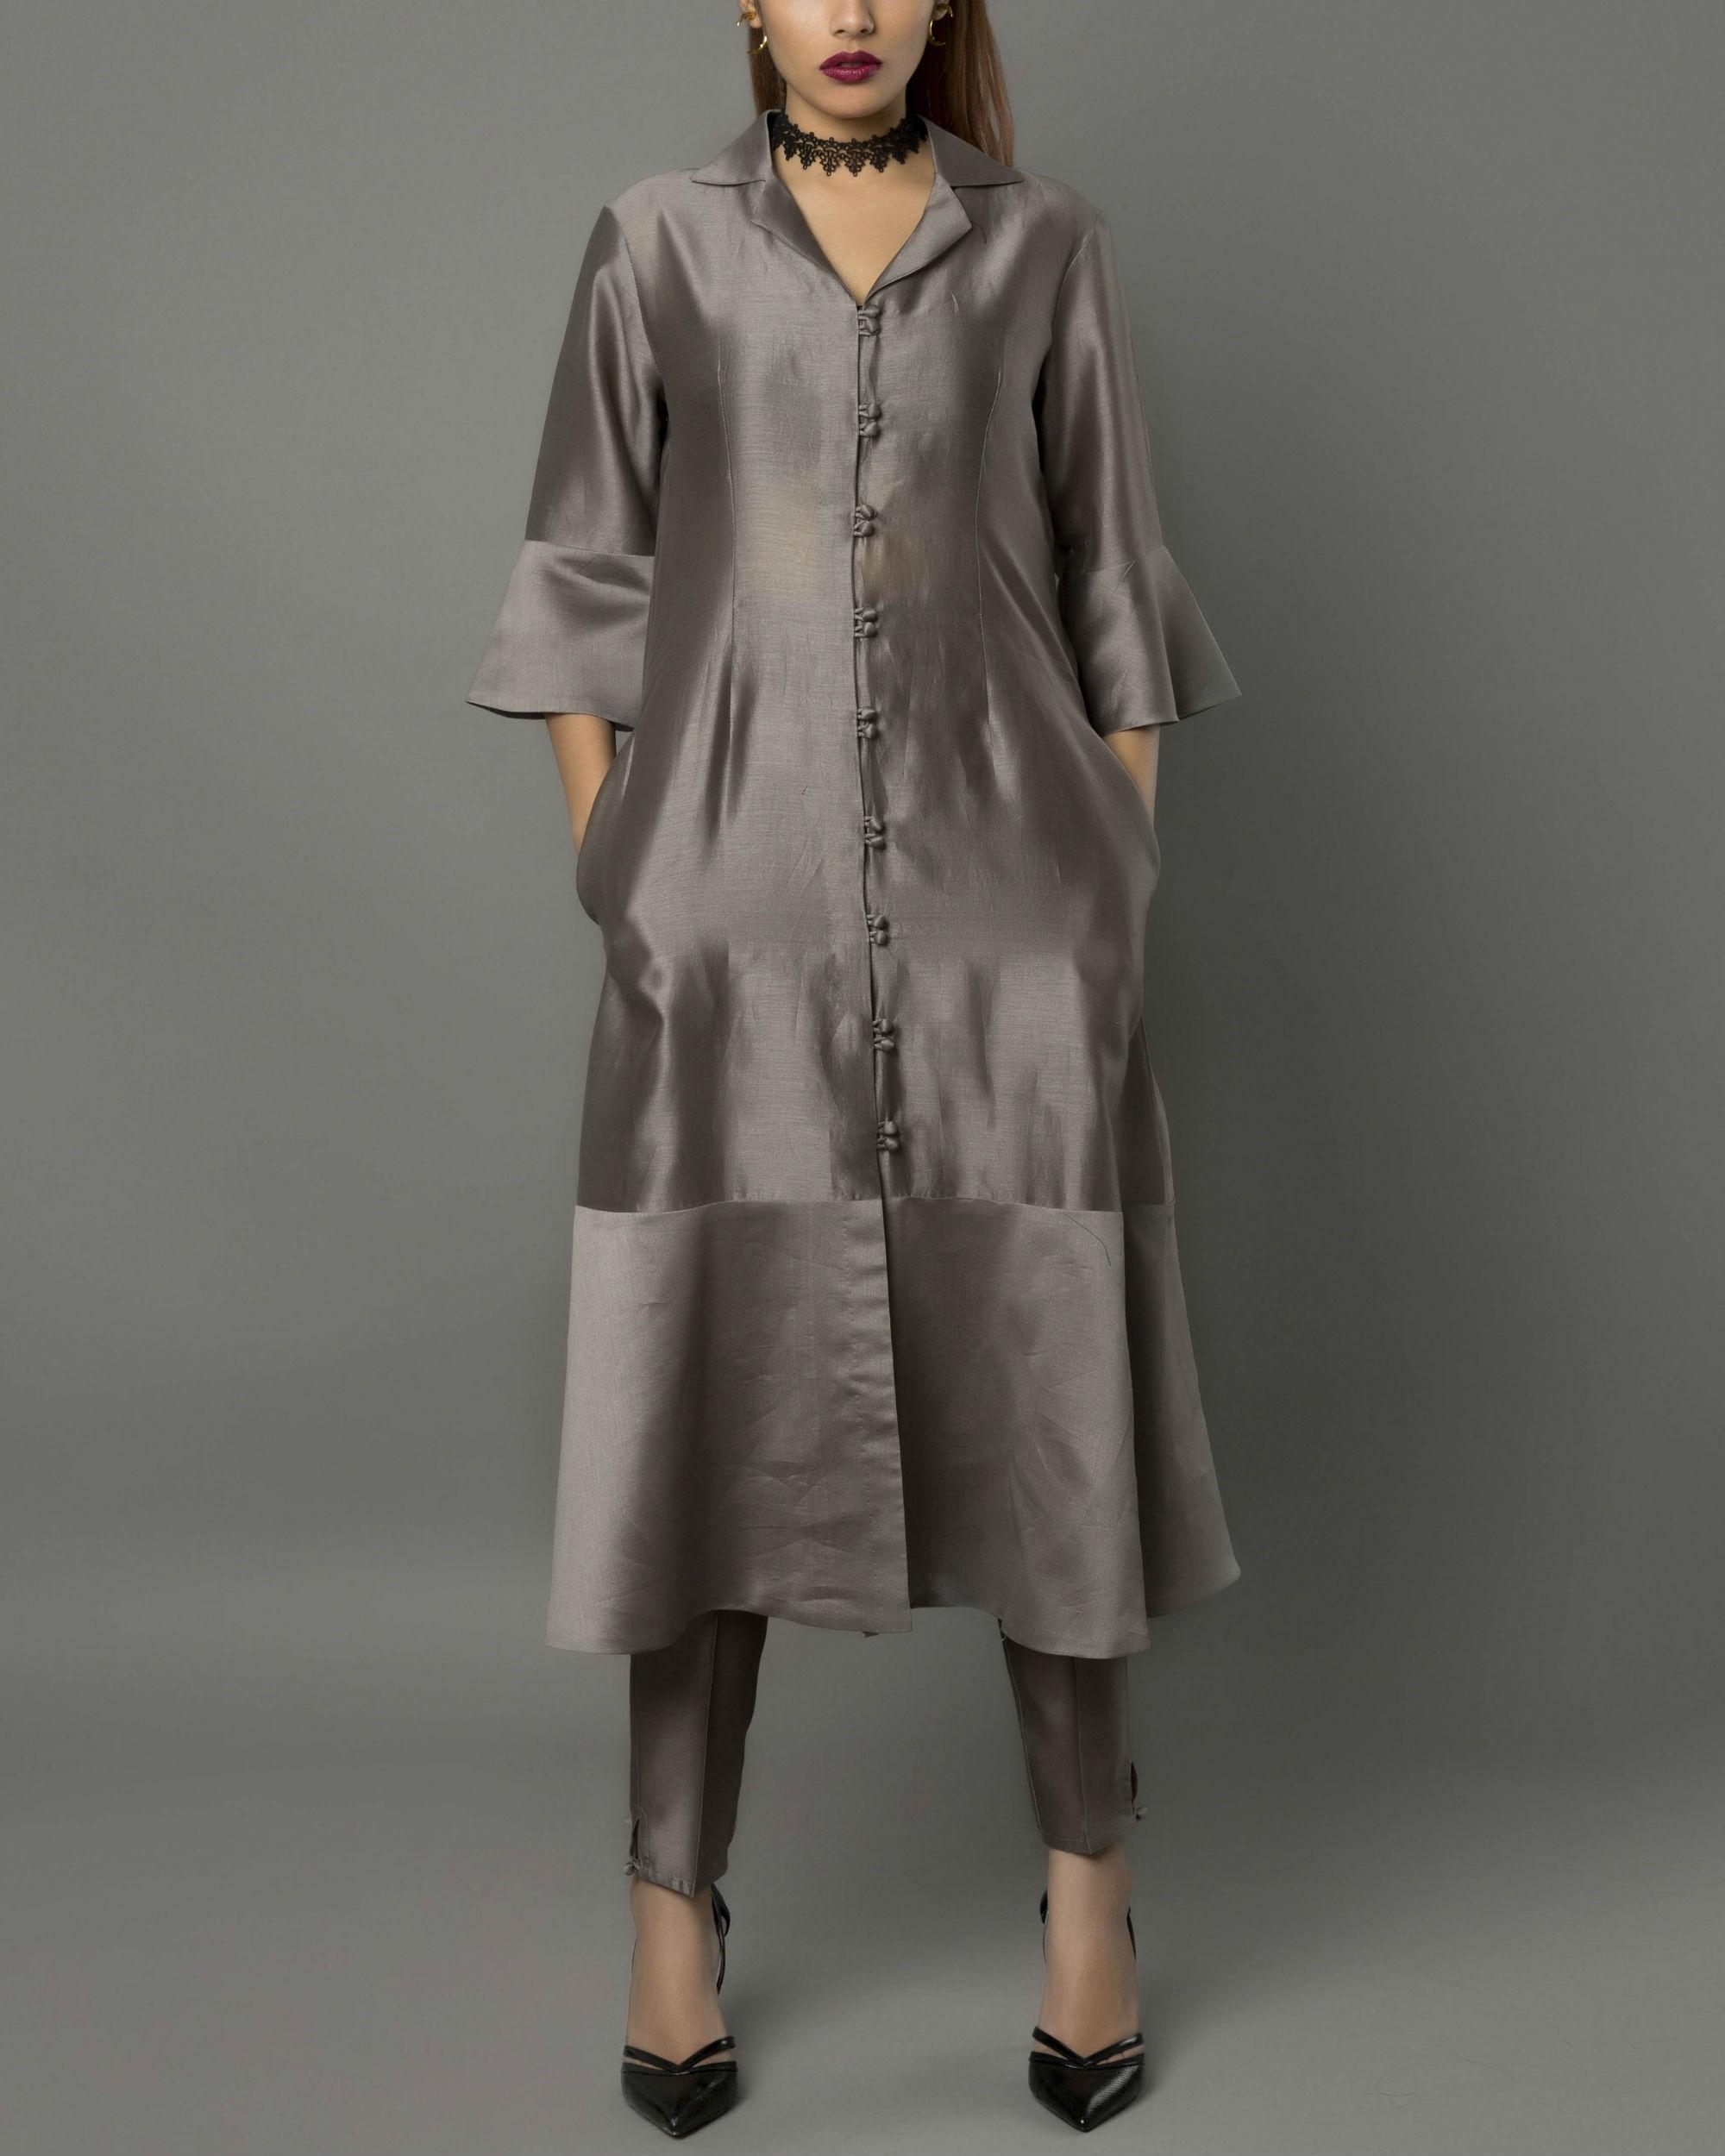 Vira grey kurta set